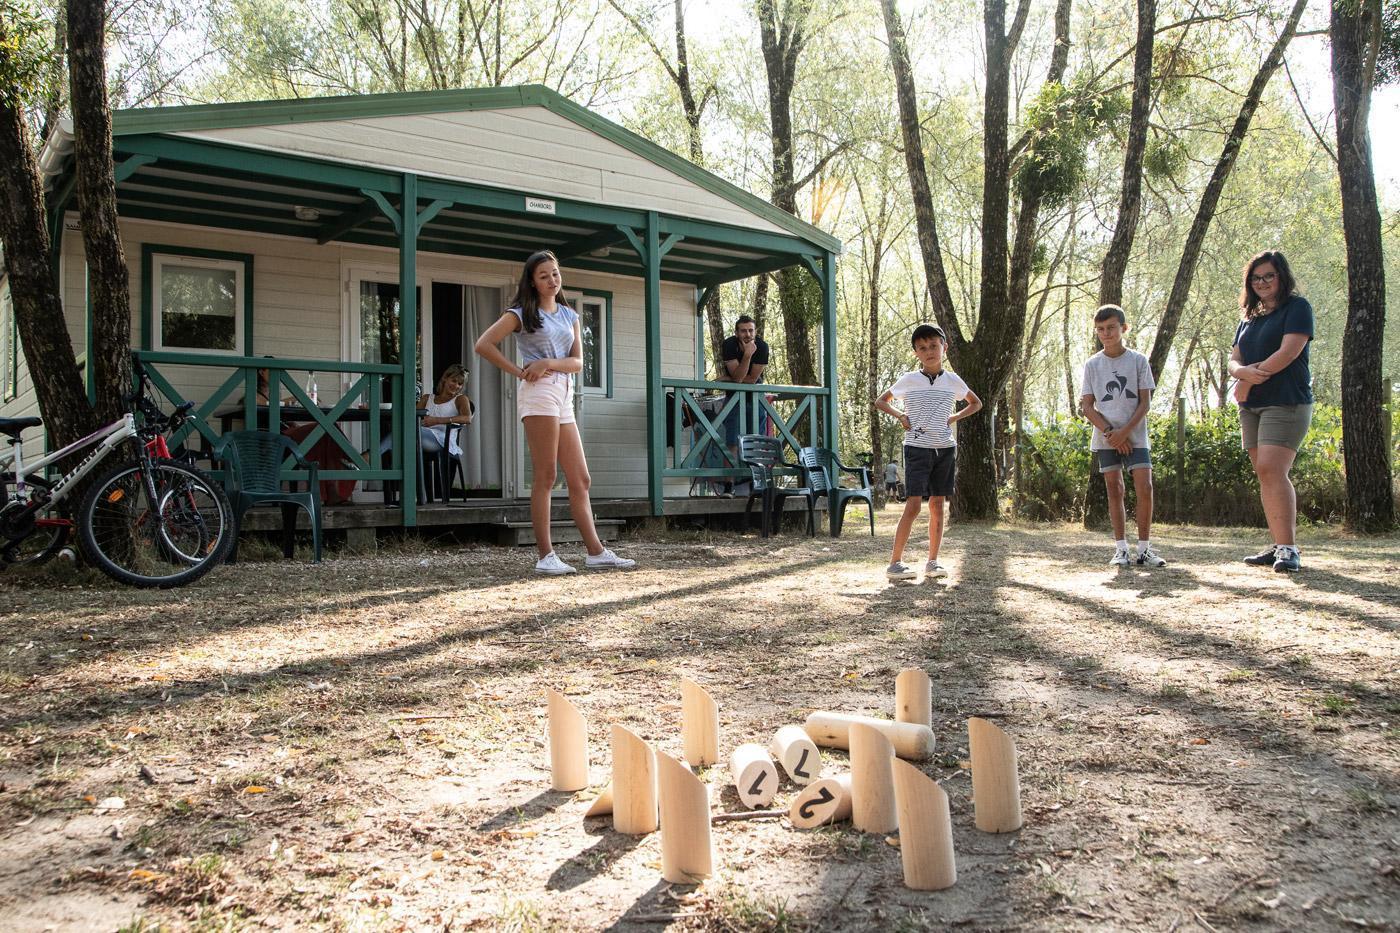 Camping Sites Et Paysages Les Saules Cheverny Jeux 1